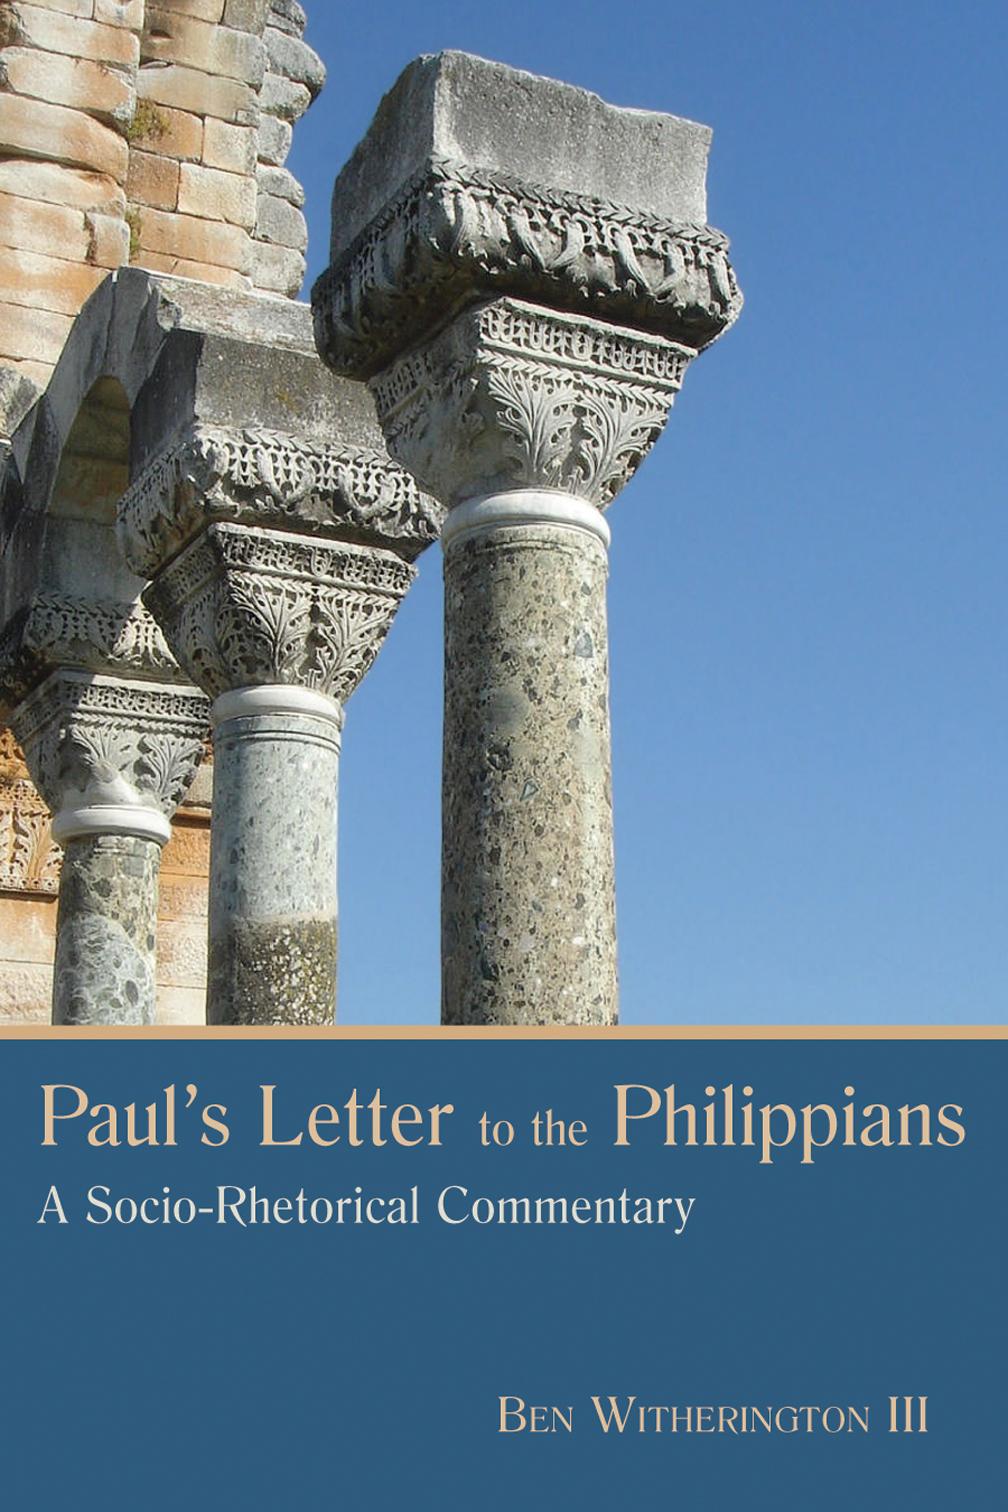 pauls letter to the philippians ben witherington iii eerdmans